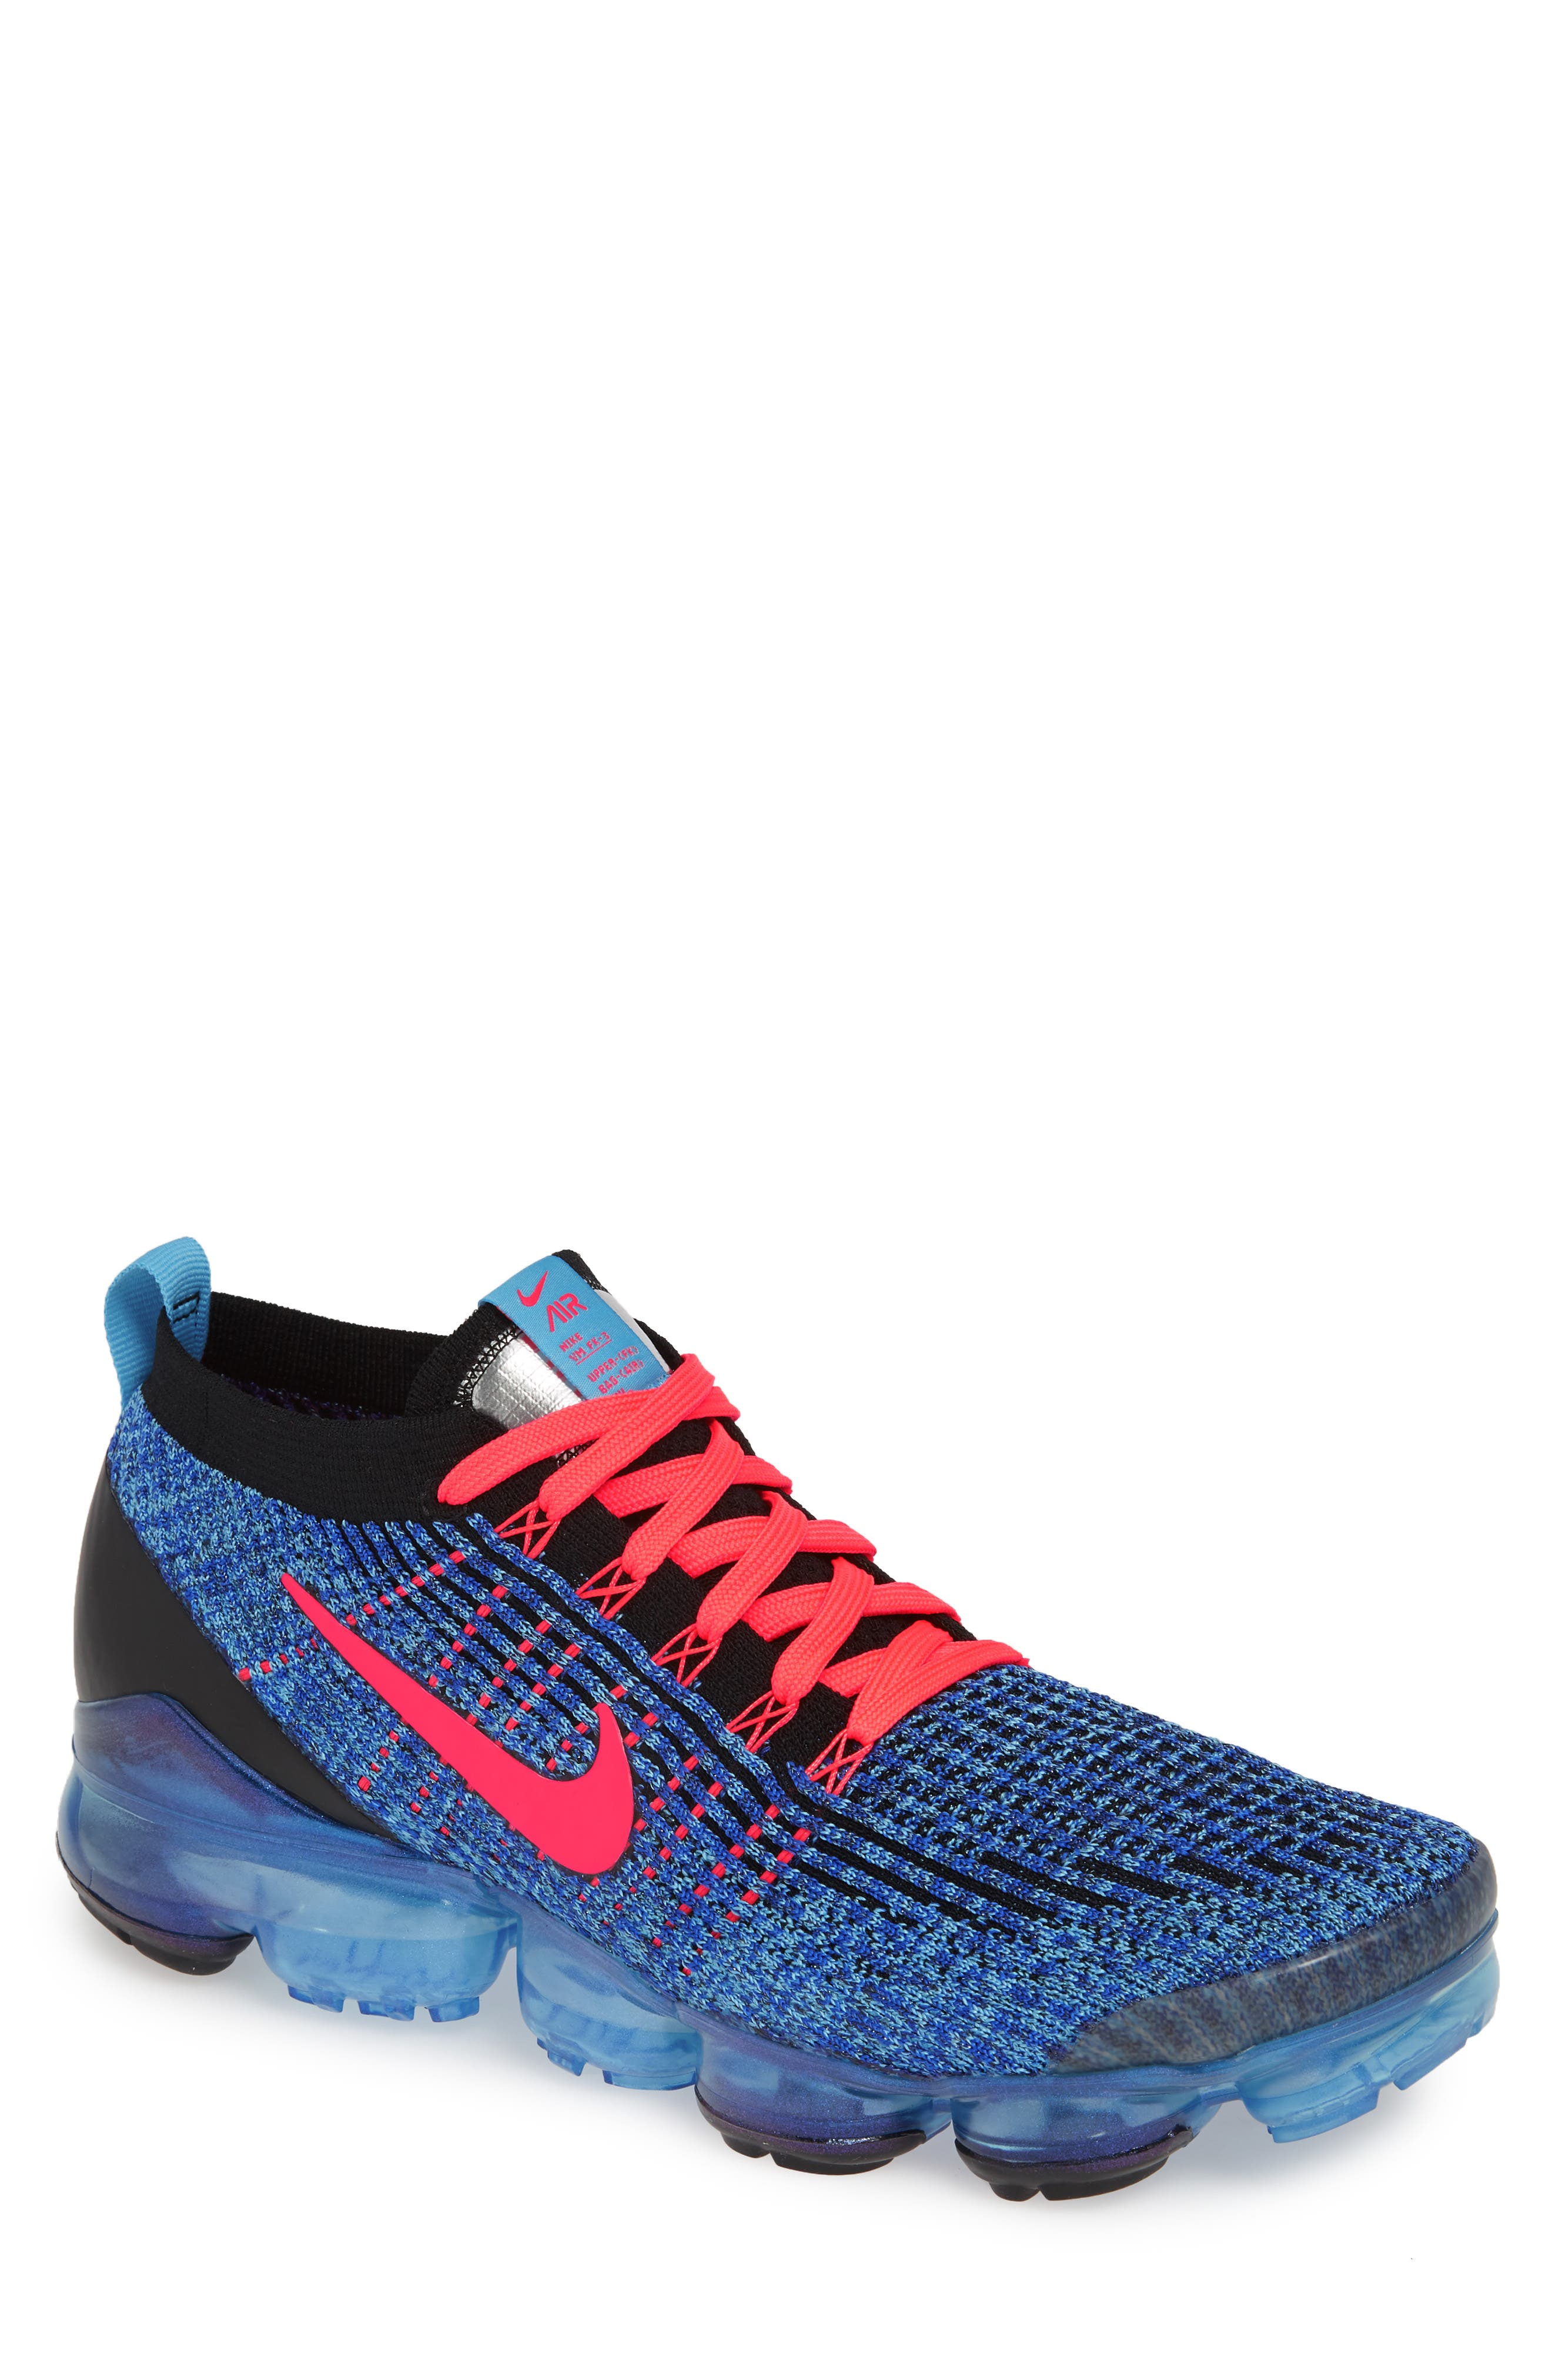 831c86e8e3b7c Nike Flyknit